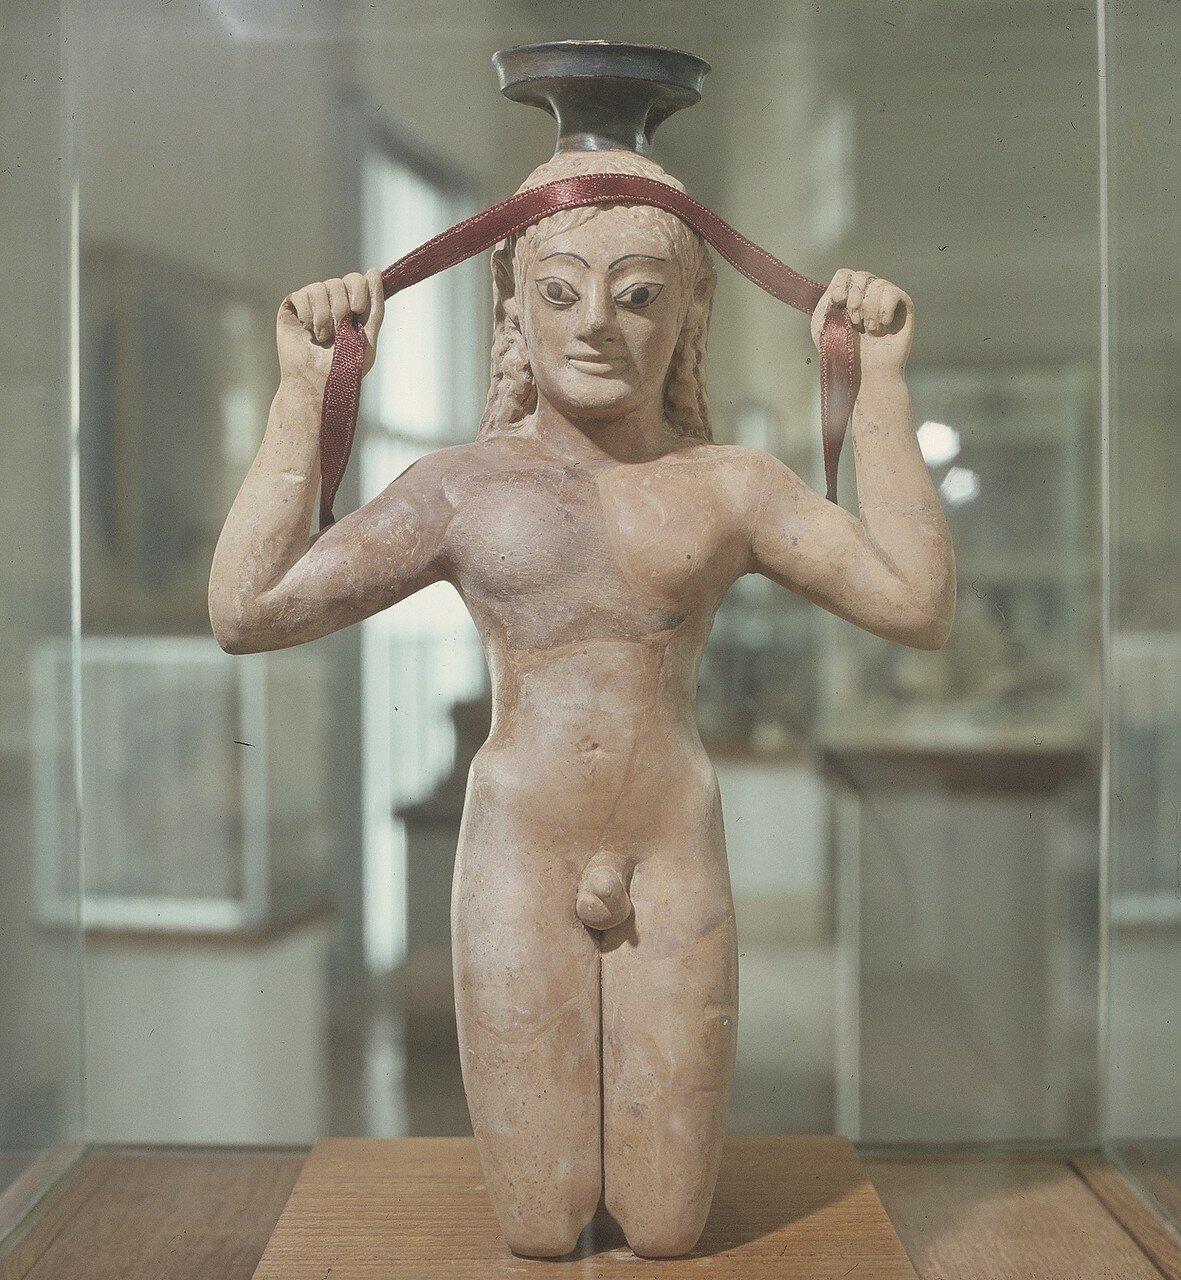 Афины. Археологический музей Афинской агоры. Терракотовая статуэтка спортсмена, 540-530 гг. до н.э.